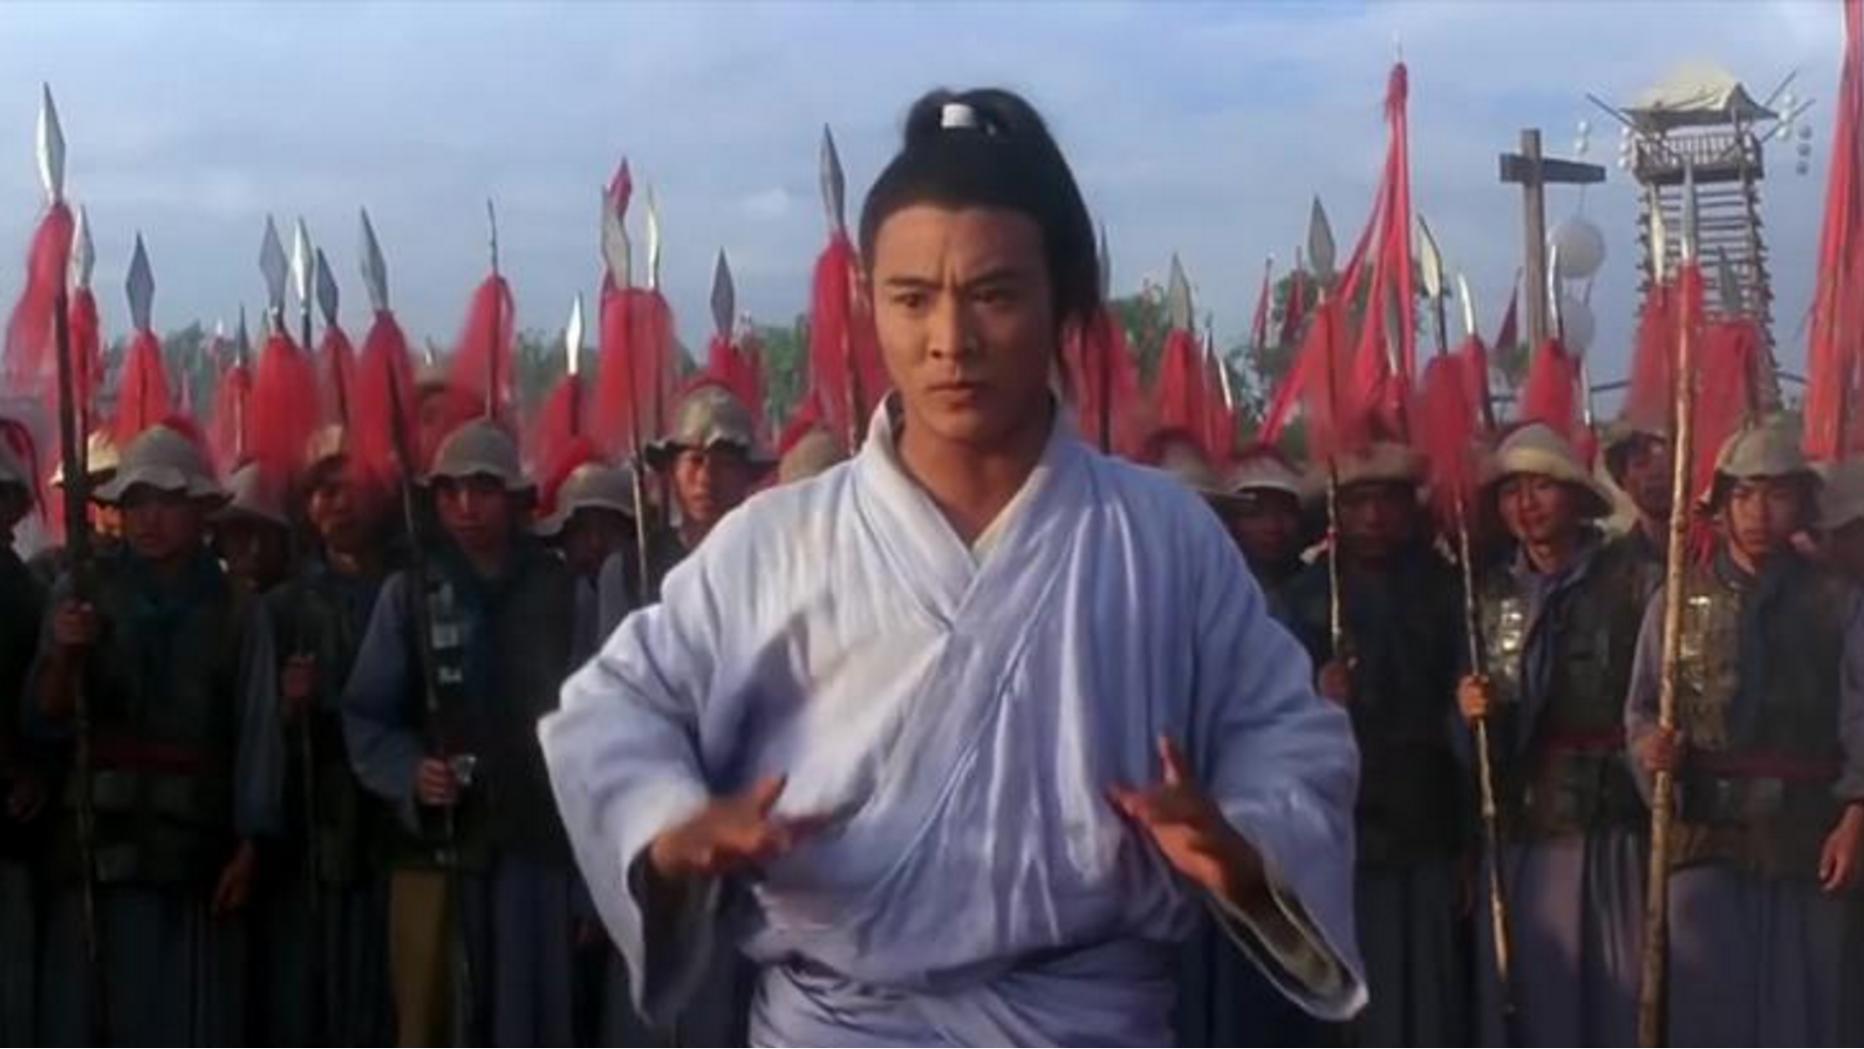 李连杰成名作之一,集少林武当功夫于一身,比甄子丹打十个强百倍